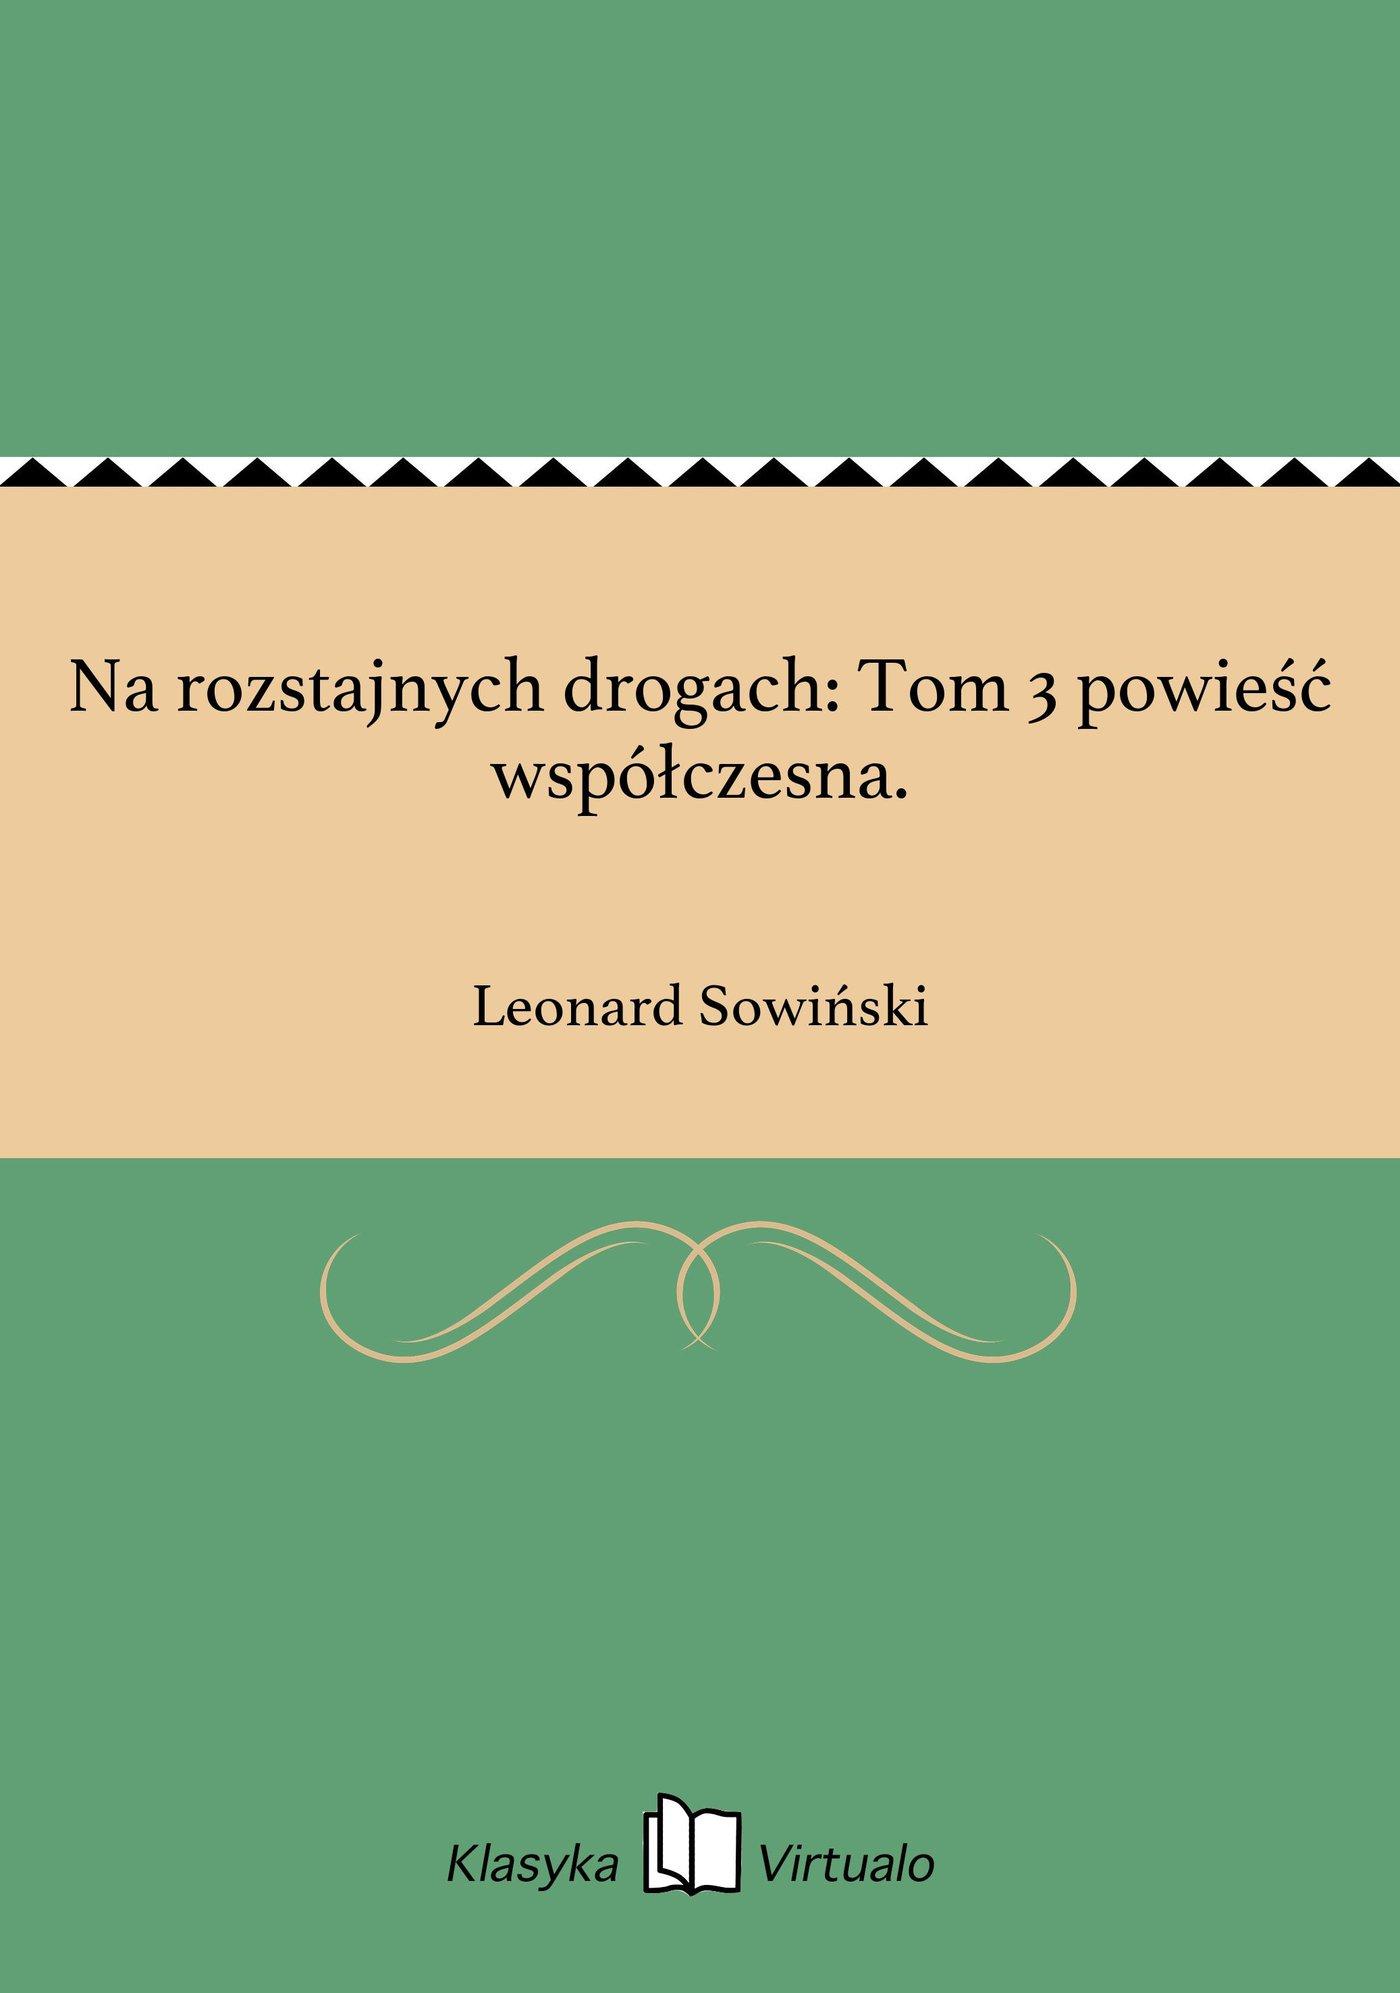 Na rozstajnych drogach: Tom 3 powieść współczesna. - Ebook (Książka EPUB) do pobrania w formacie EPUB